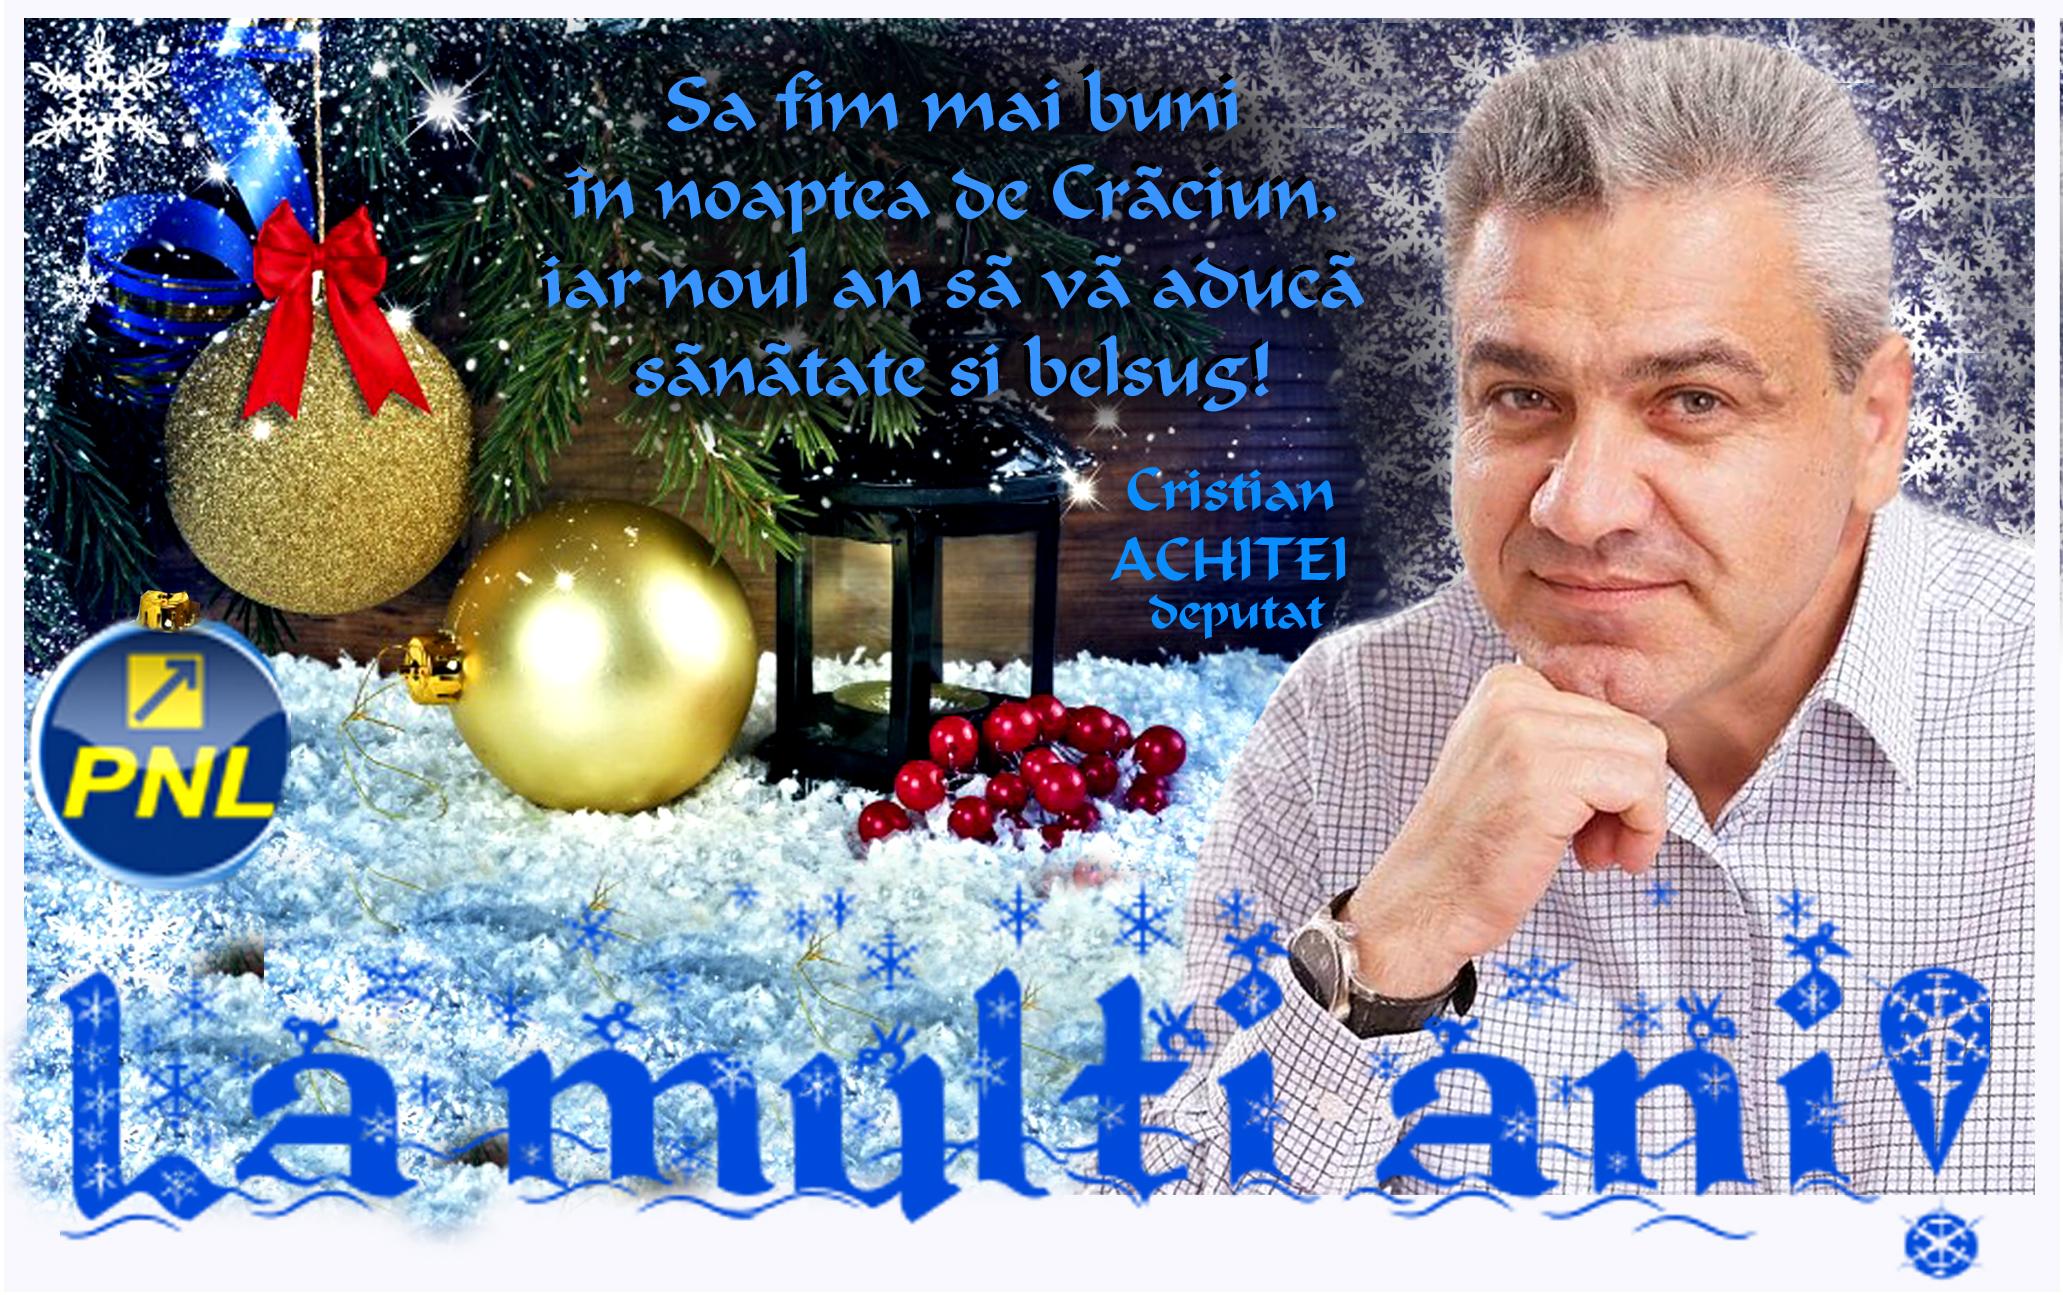 Deputat Cristian Achiței - sărbători binecuvântate, ca în copilărie 19